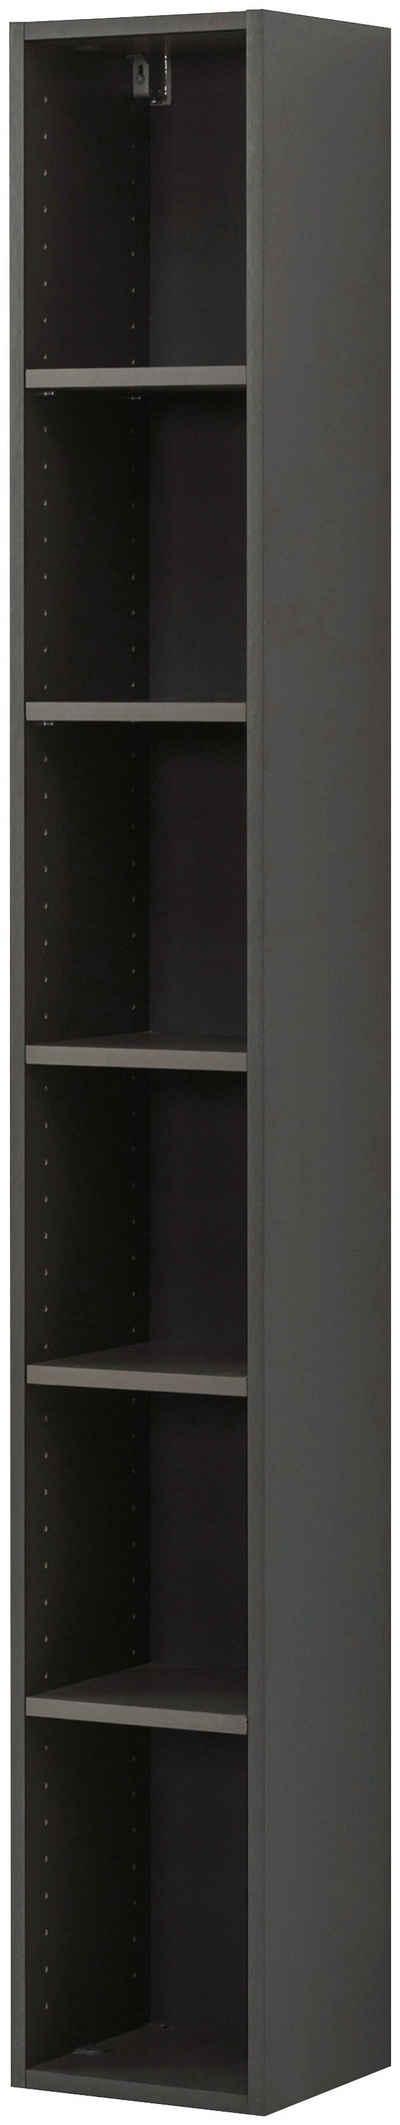 HELD MÖBEL Regal »Montreal«, Breite 5 cm